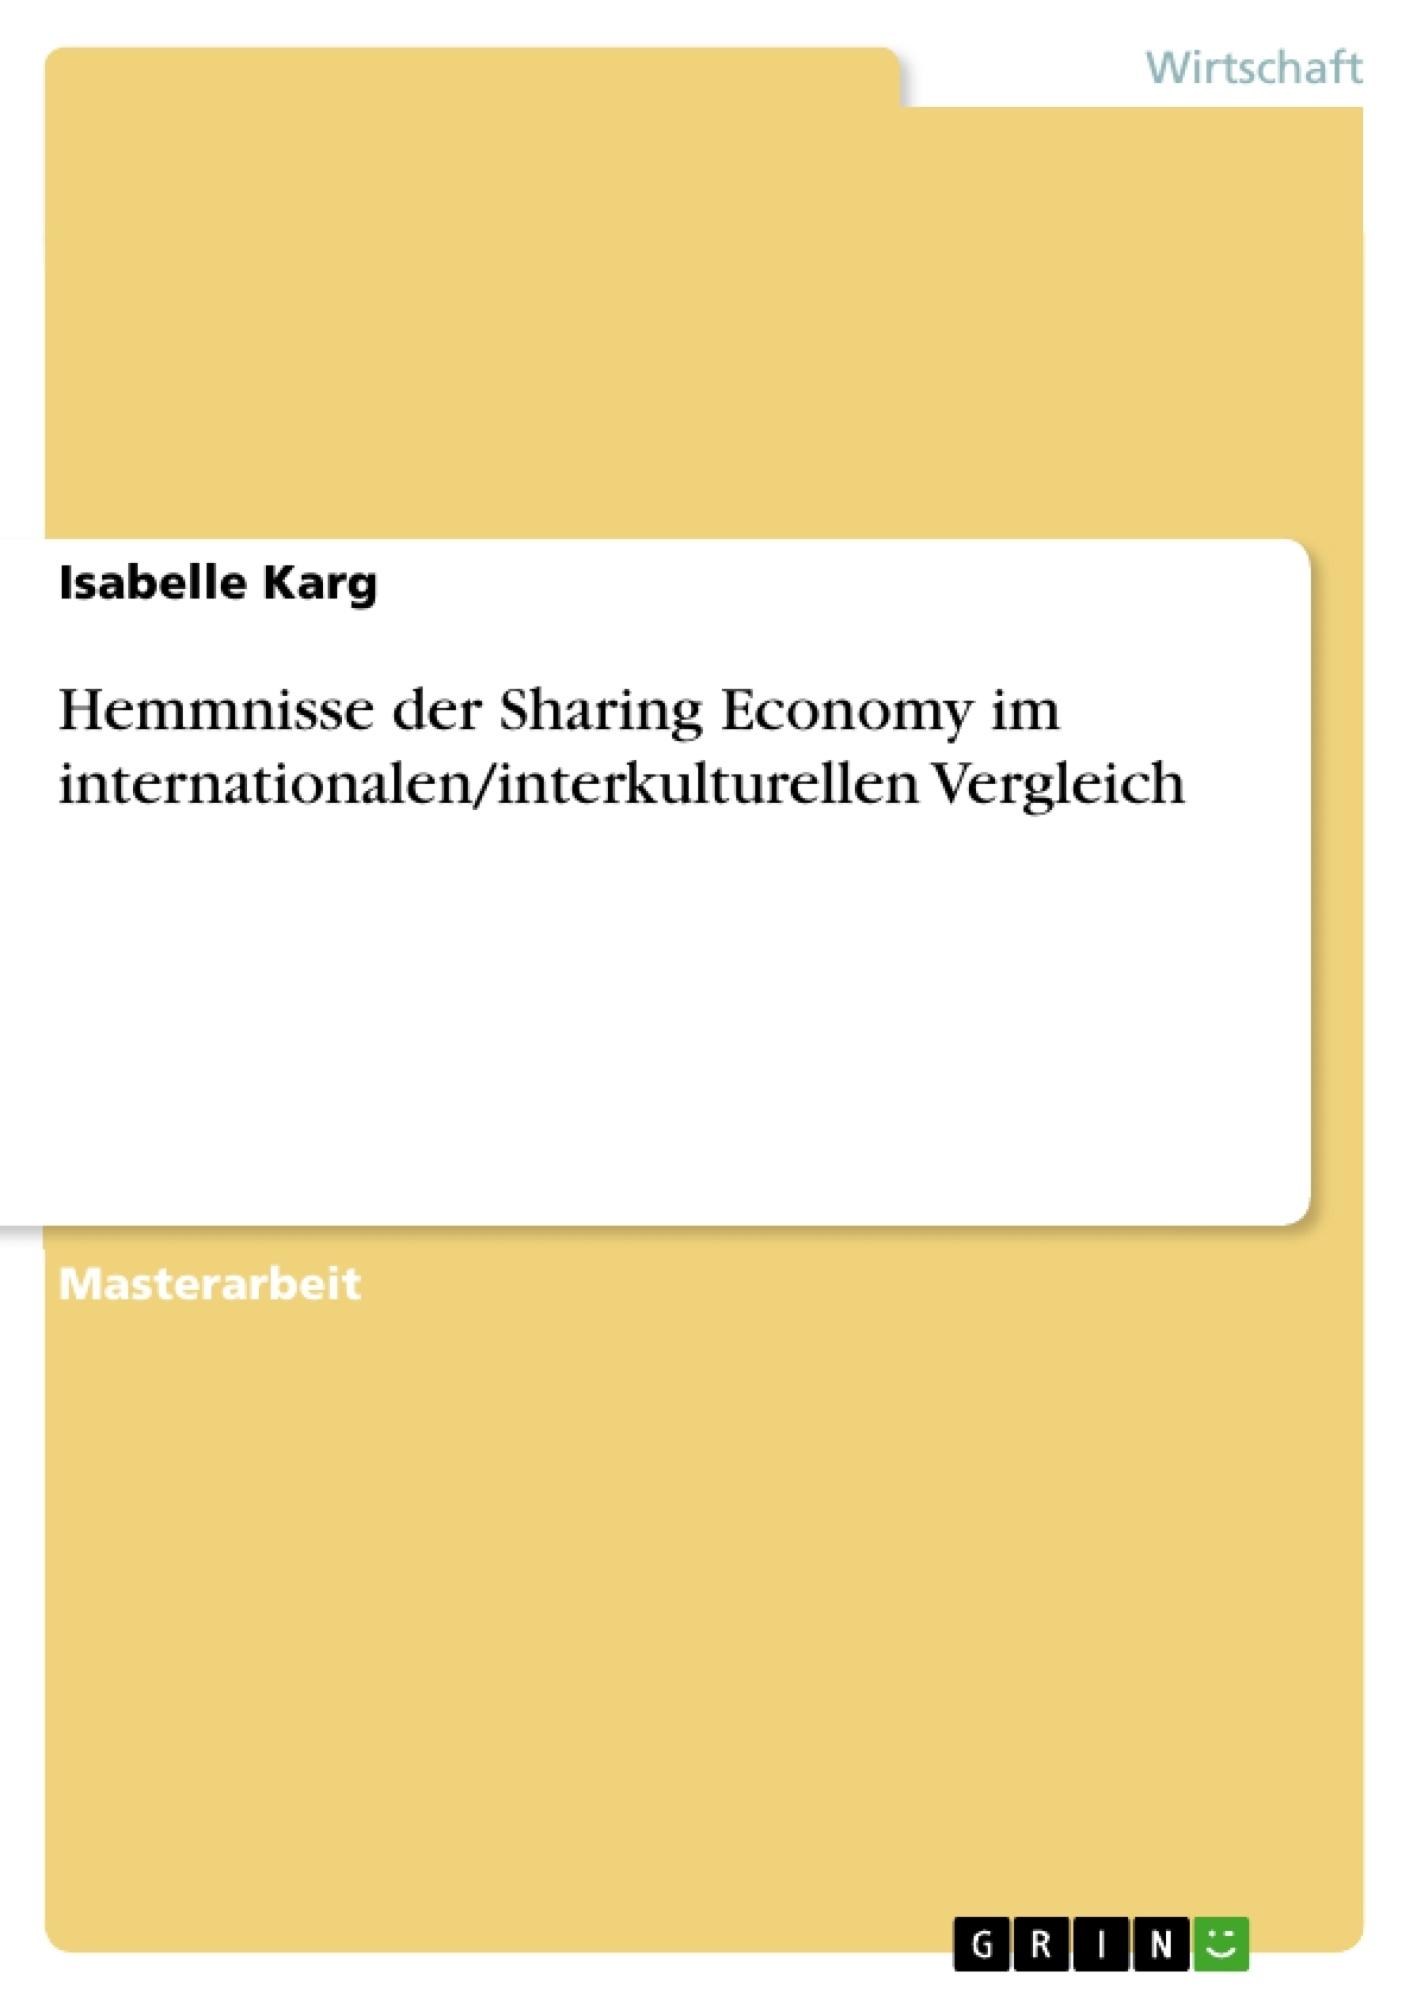 Titel: Hemmnisse der Sharing Economy im internationalen/interkulturellen Vergleich